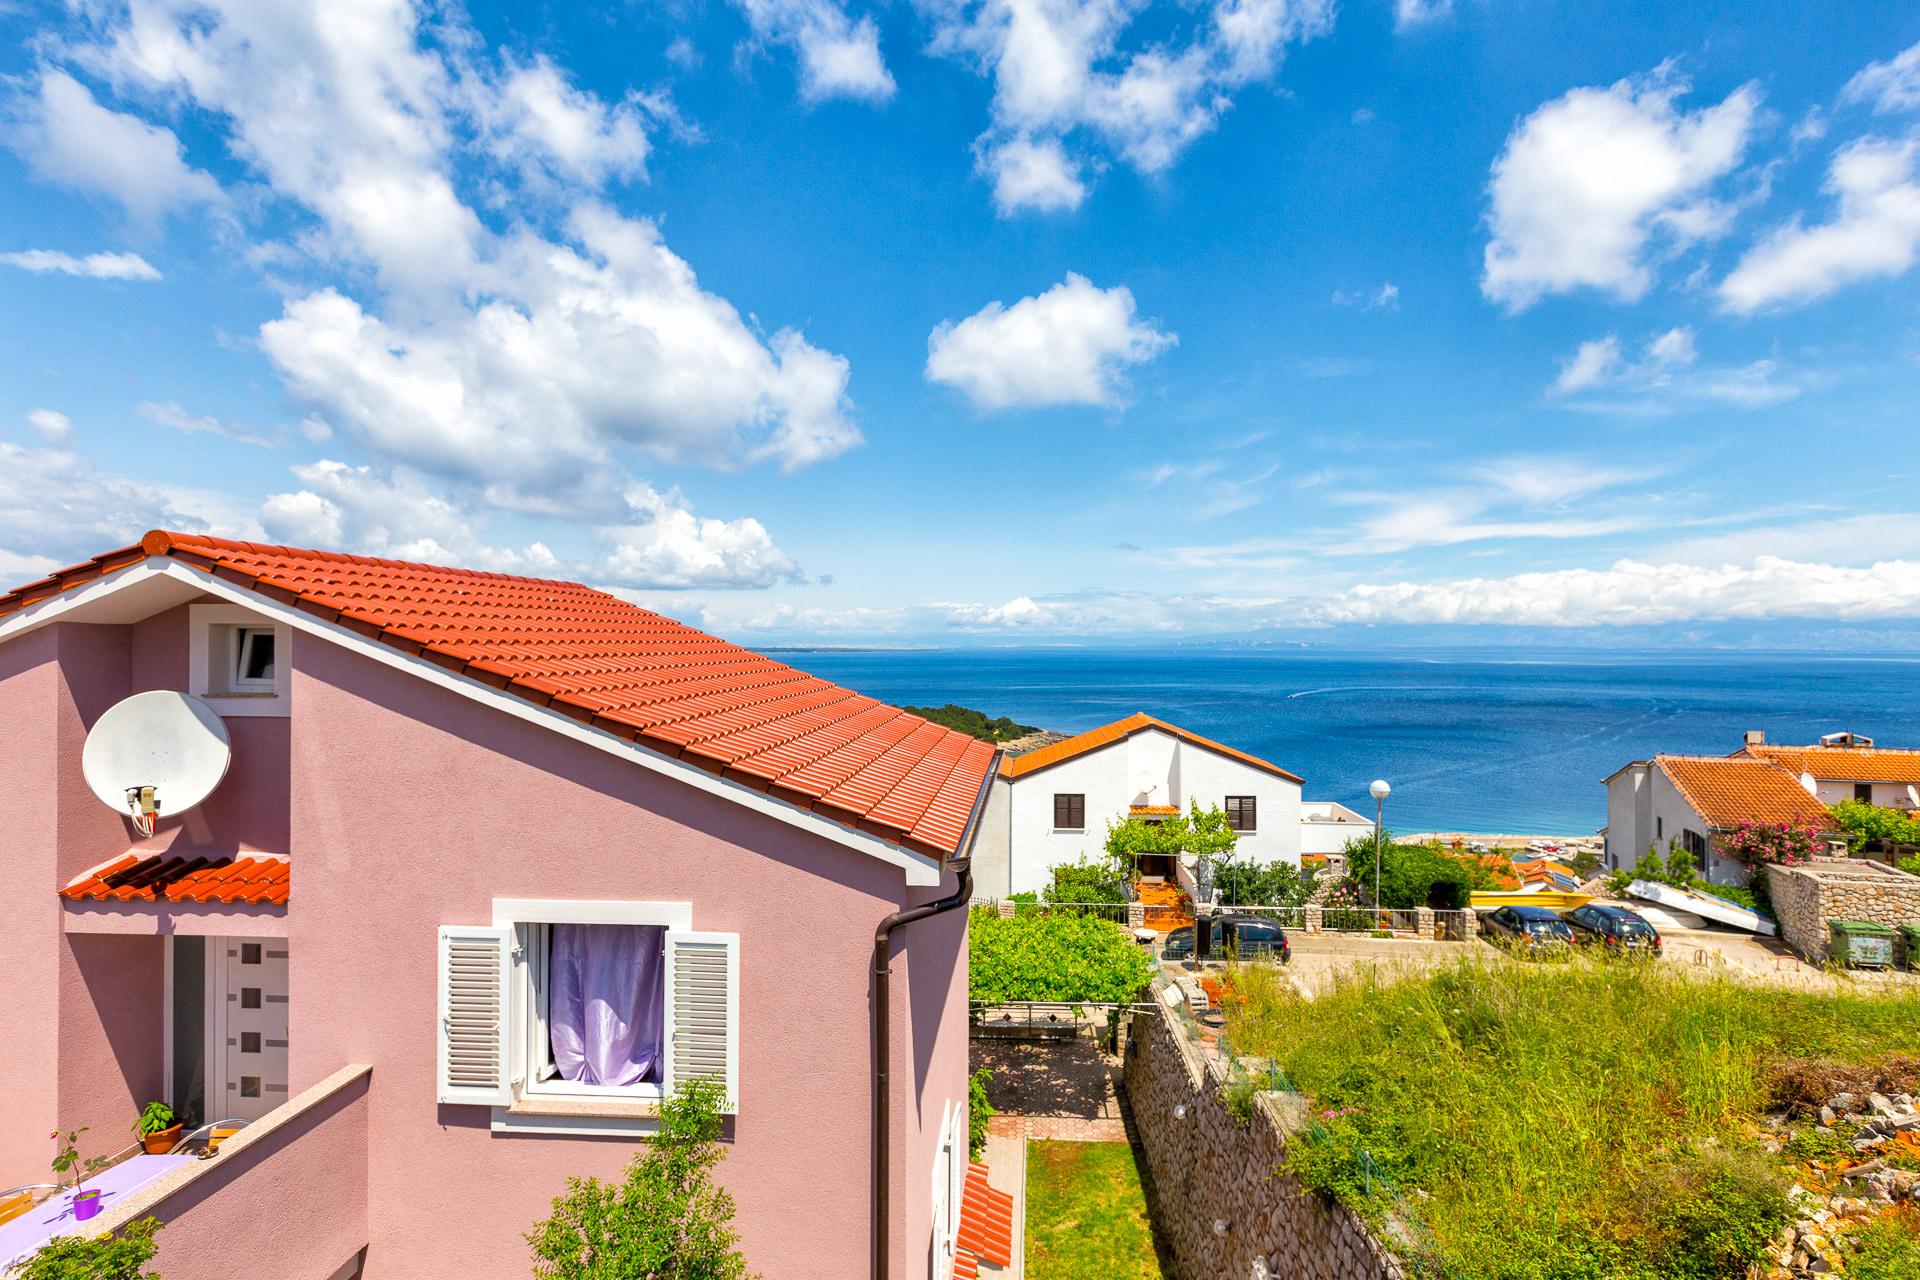 Lussino case vacanze, Lussino appartamenti, Mali Losinj affitti estivi